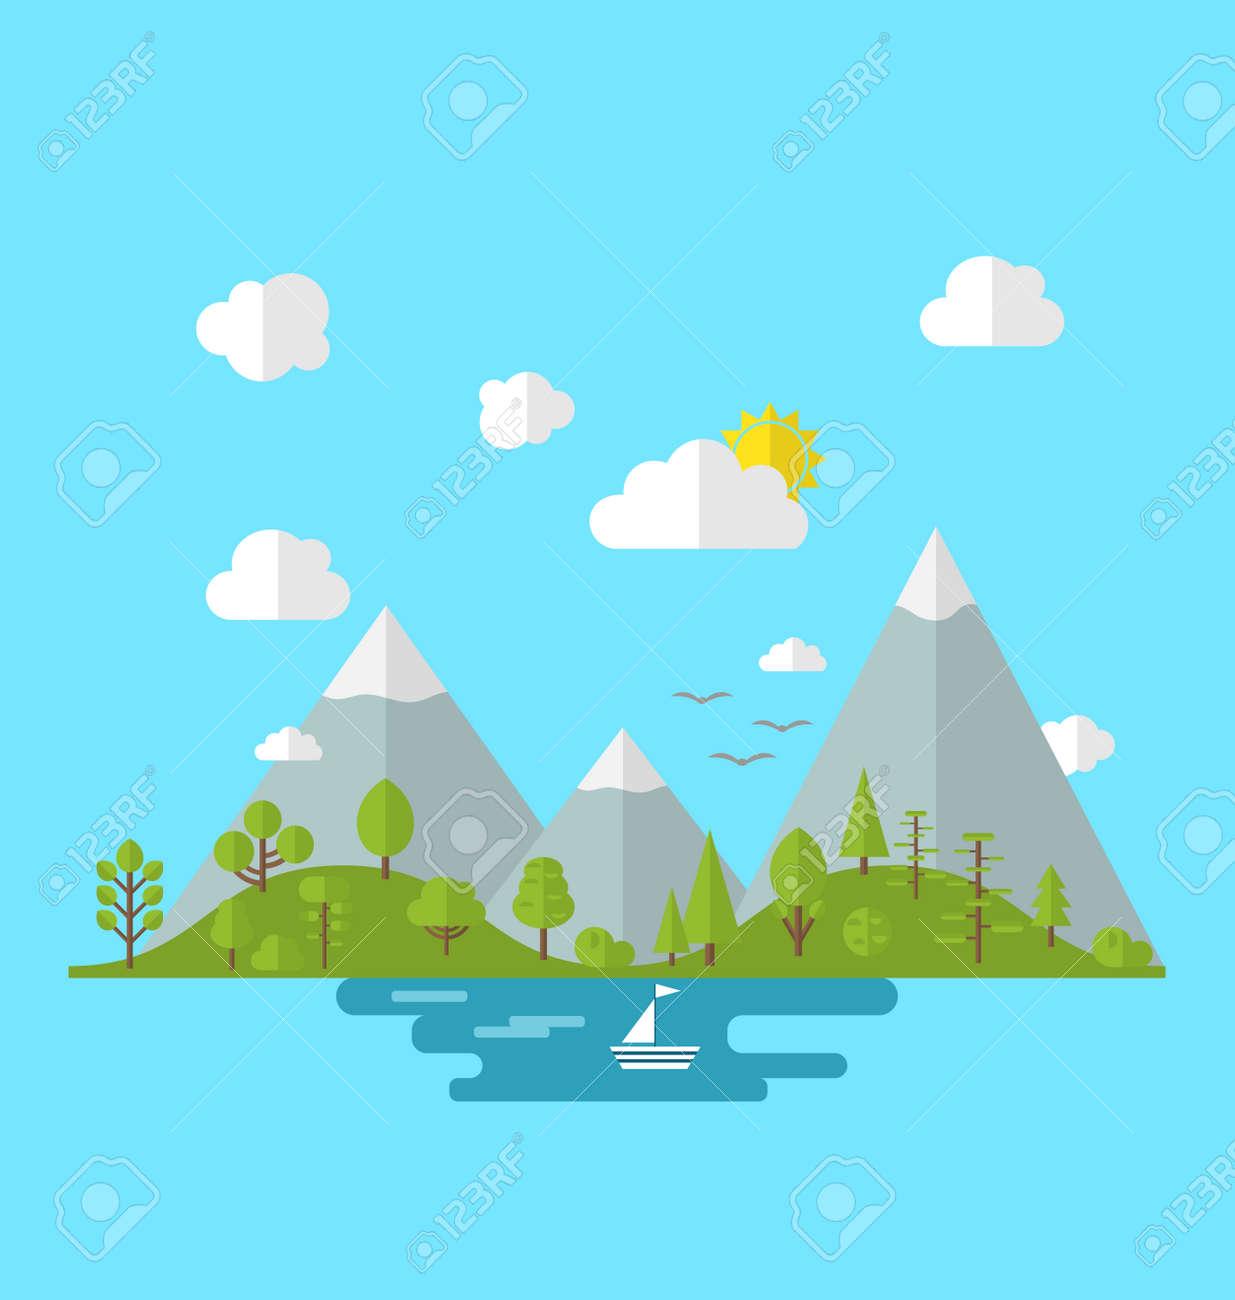 イラスト 風景森谷丘森林土地フラット スタイルで自然の背景 の